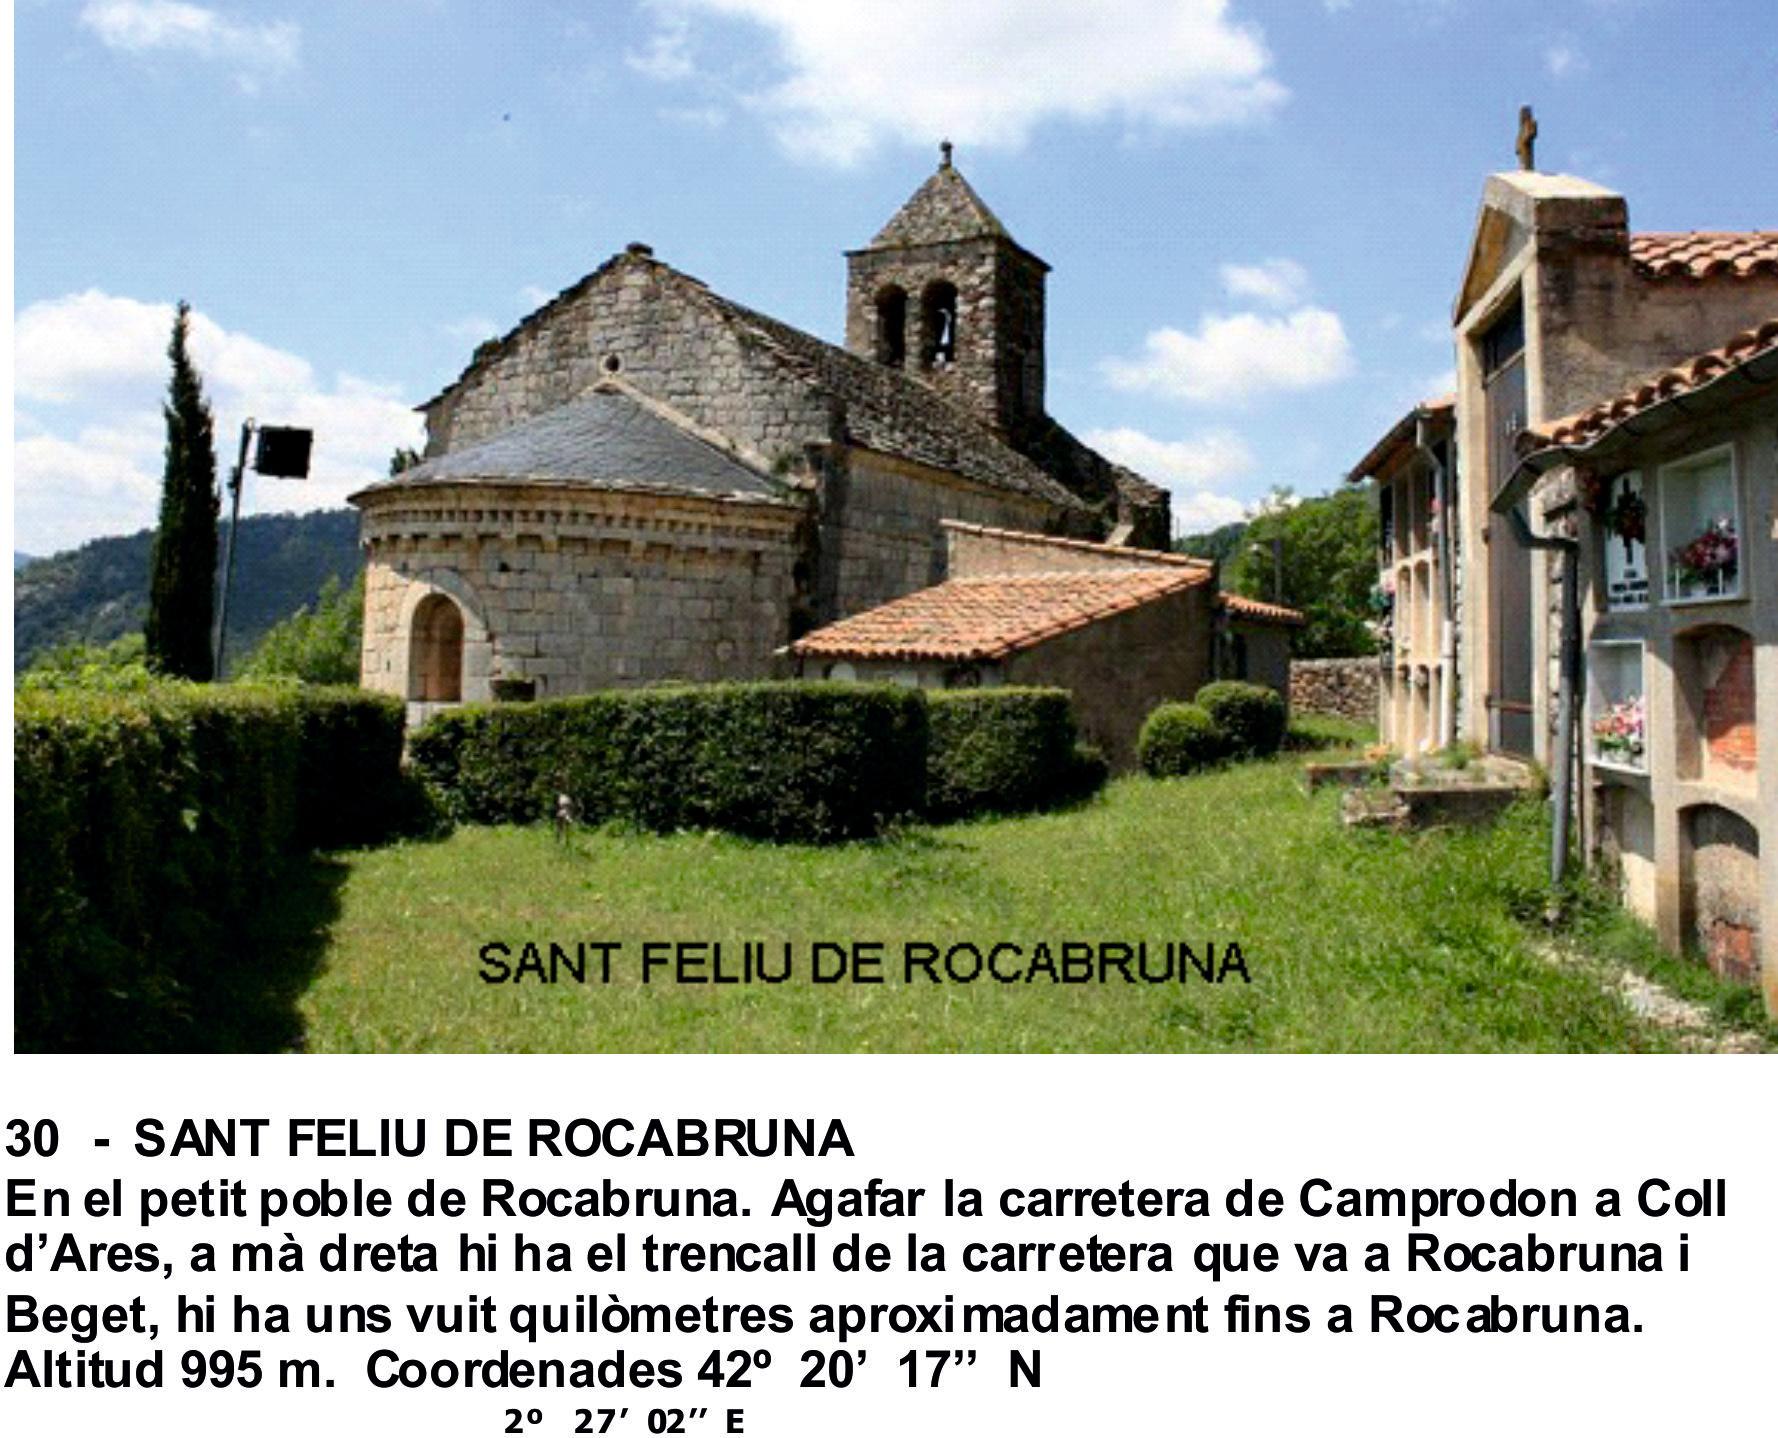 30  -  SANT FELIU DE ROCABRUNA